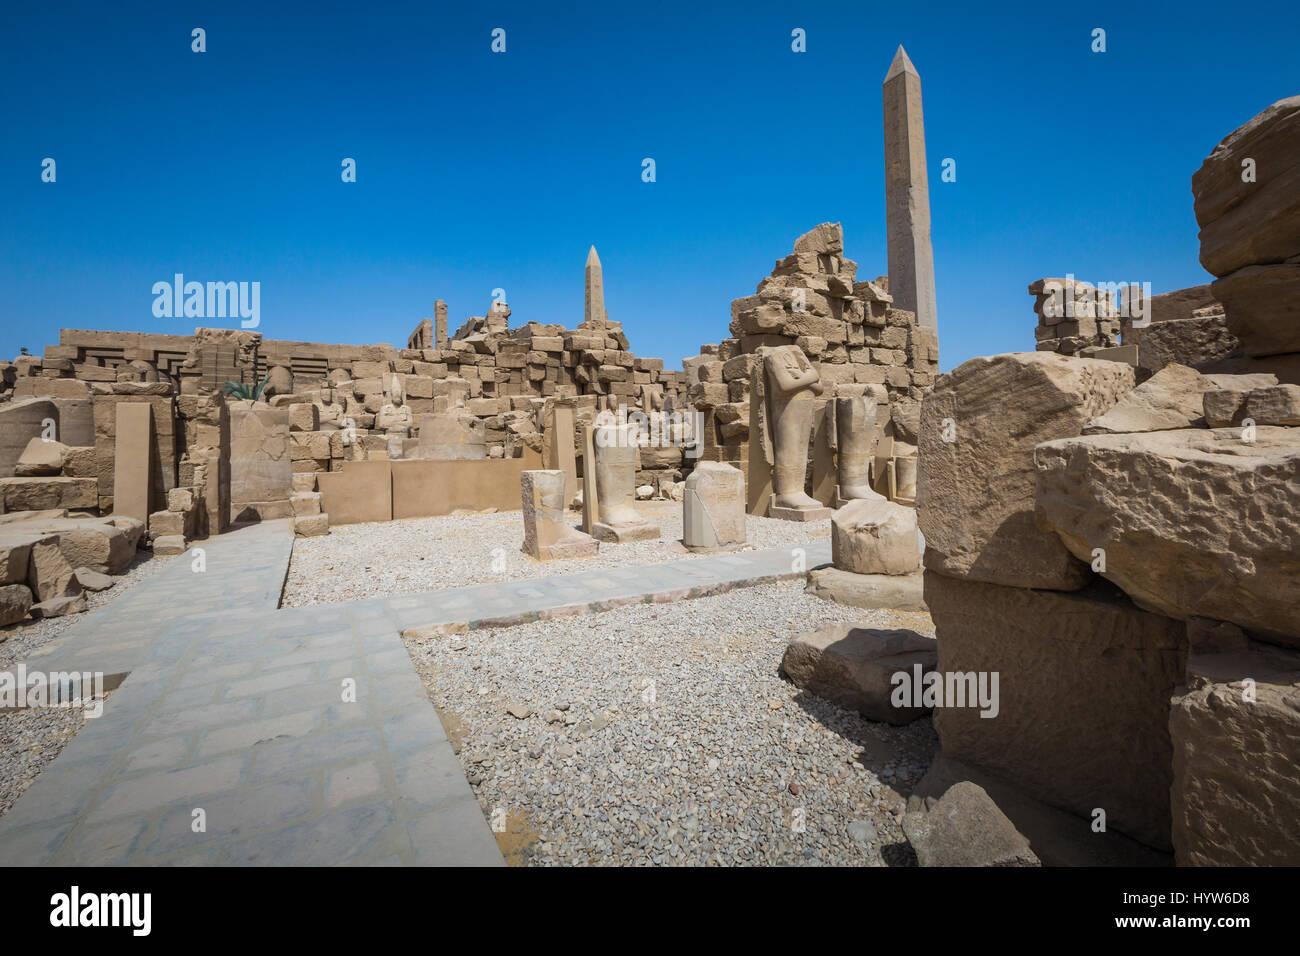 Ruines du temple de Karnak à Louxor. L'Égypte Photo Stock